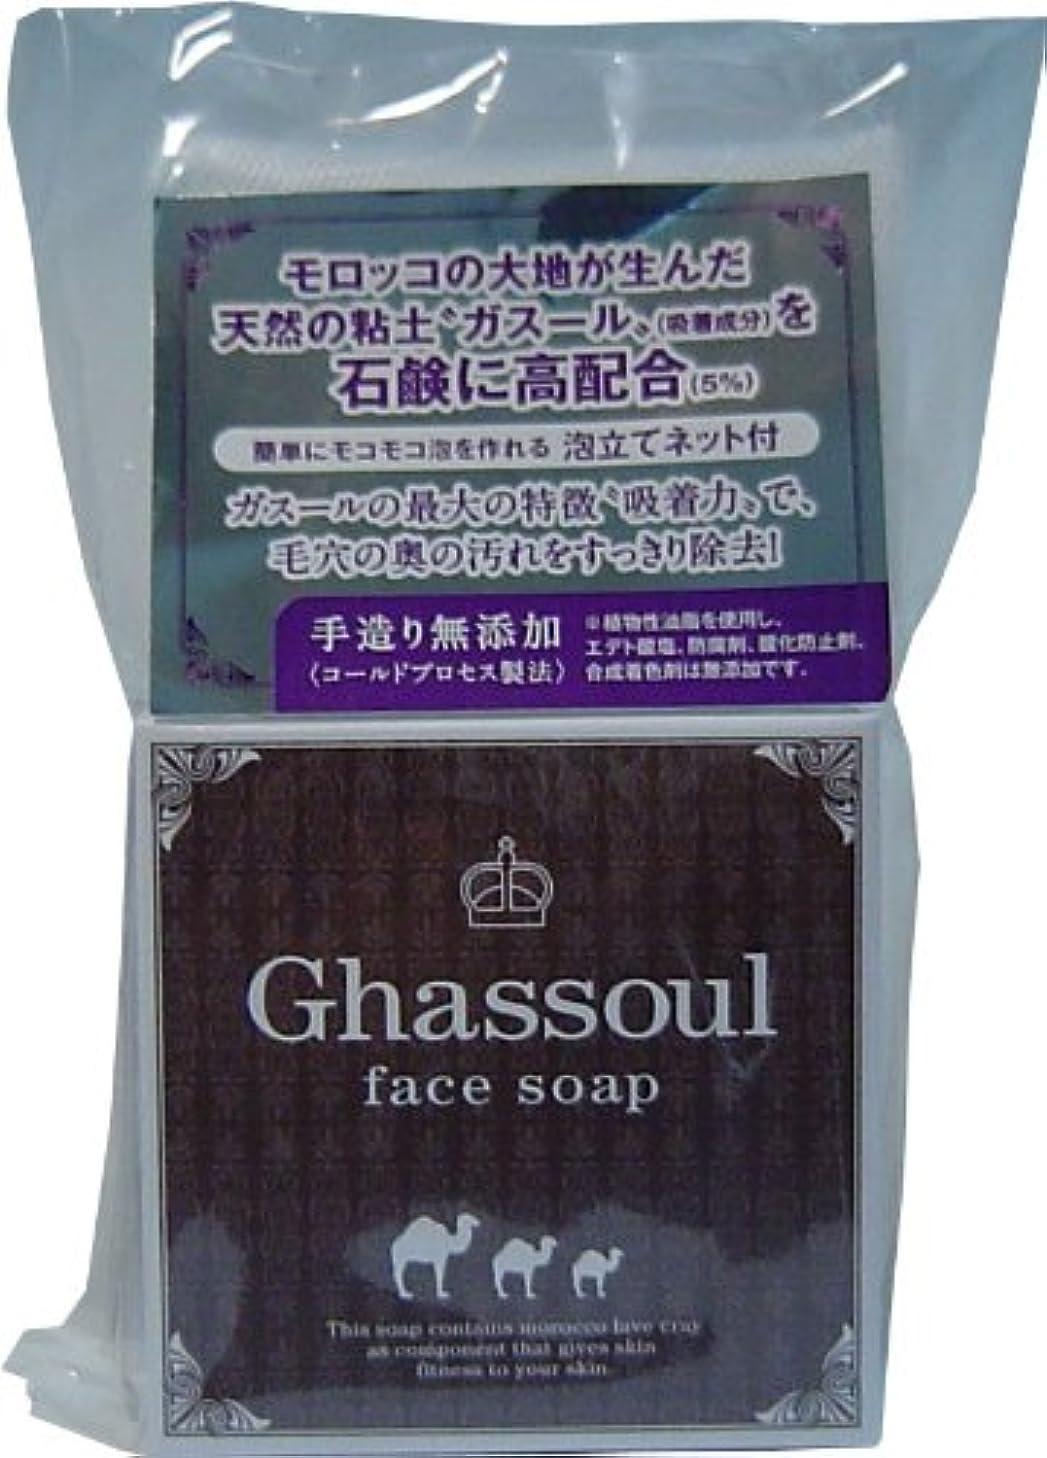 インディカ数学者ボリューム天然の粘土 ガスール を石鹸に高配合!Ghassoul face soap ガスールフェイスソープ 100g【5個セット】